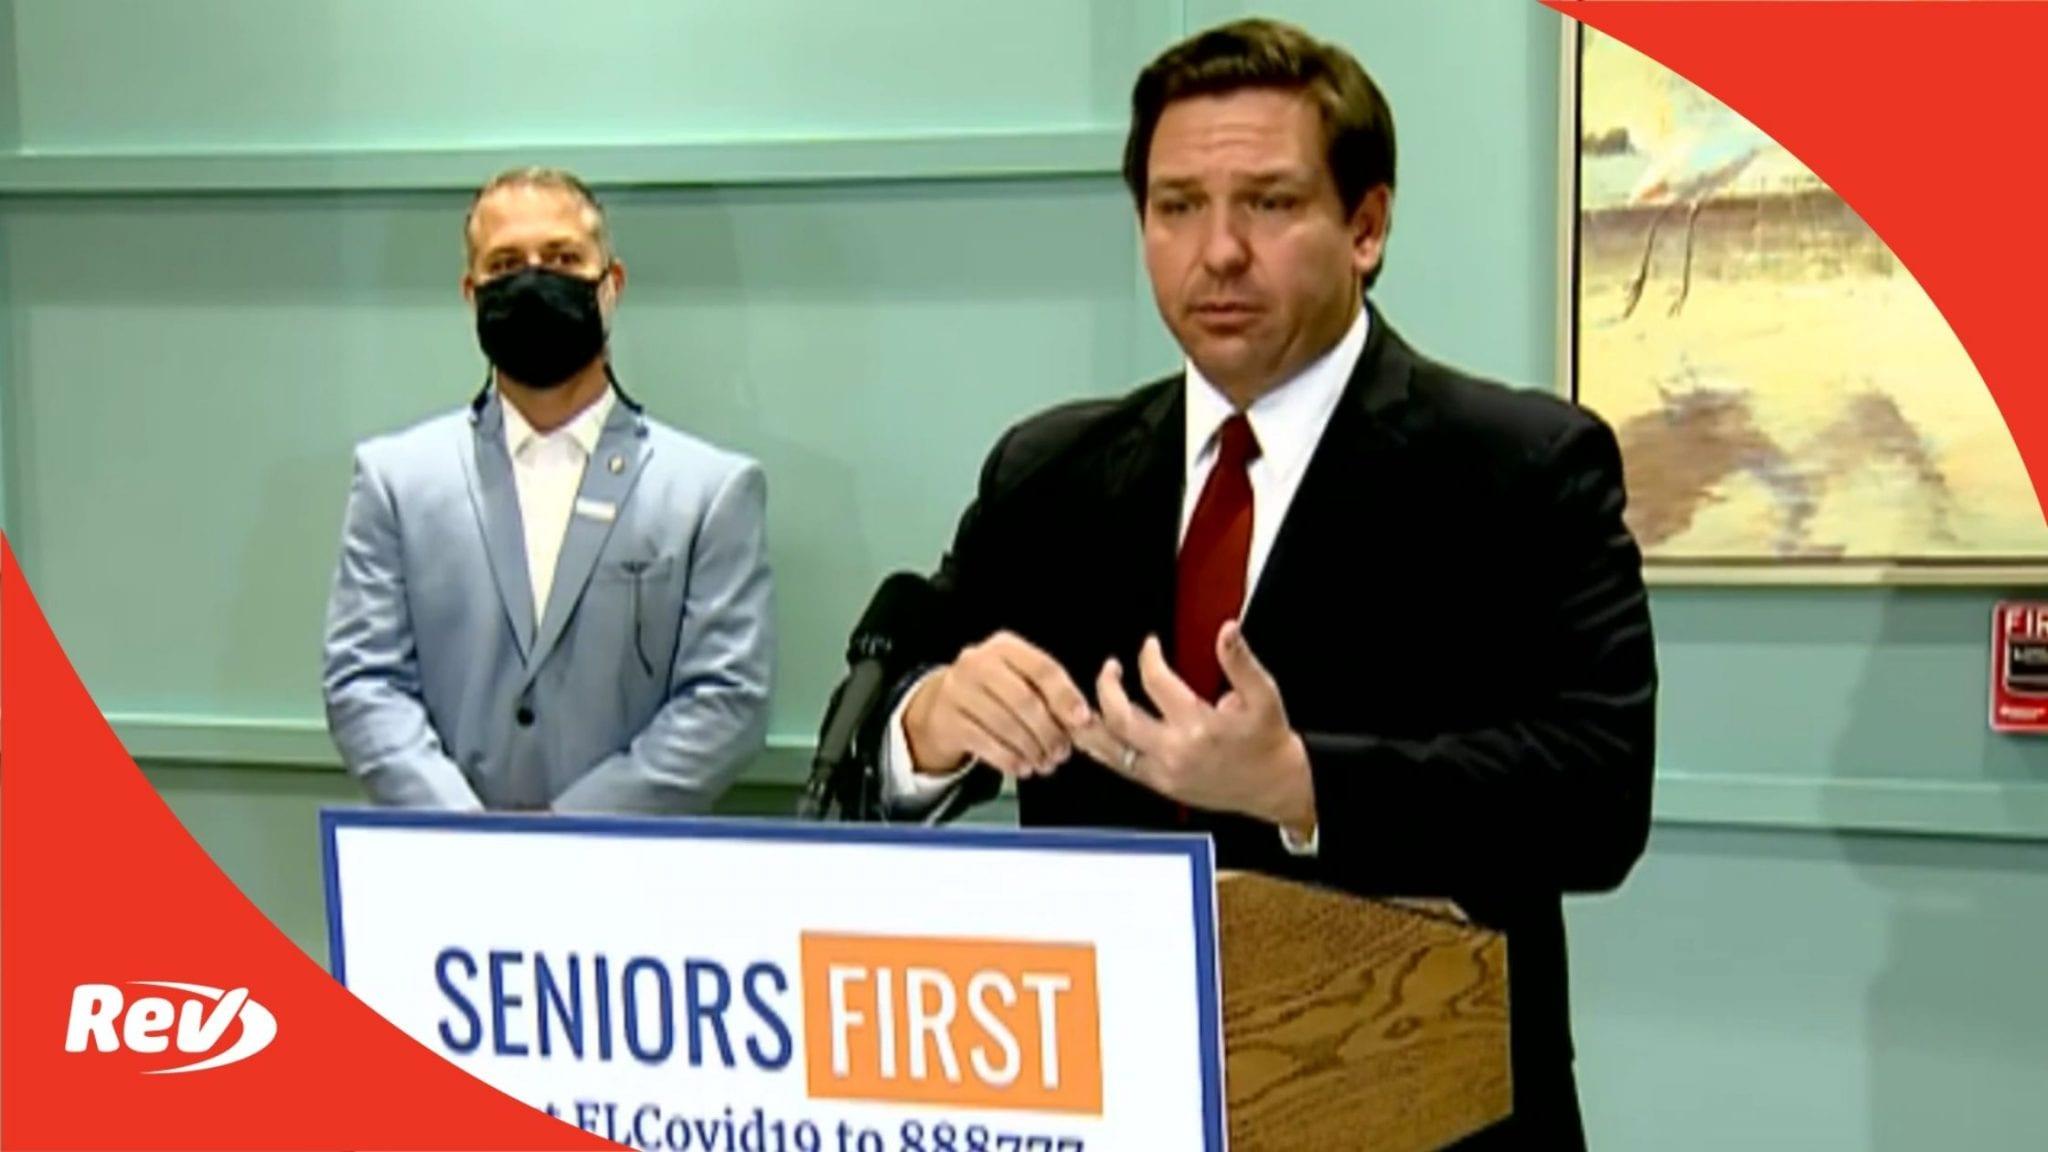 Florida Governor Ron DeSantis COVID-19 Press Conference Transcript February 1